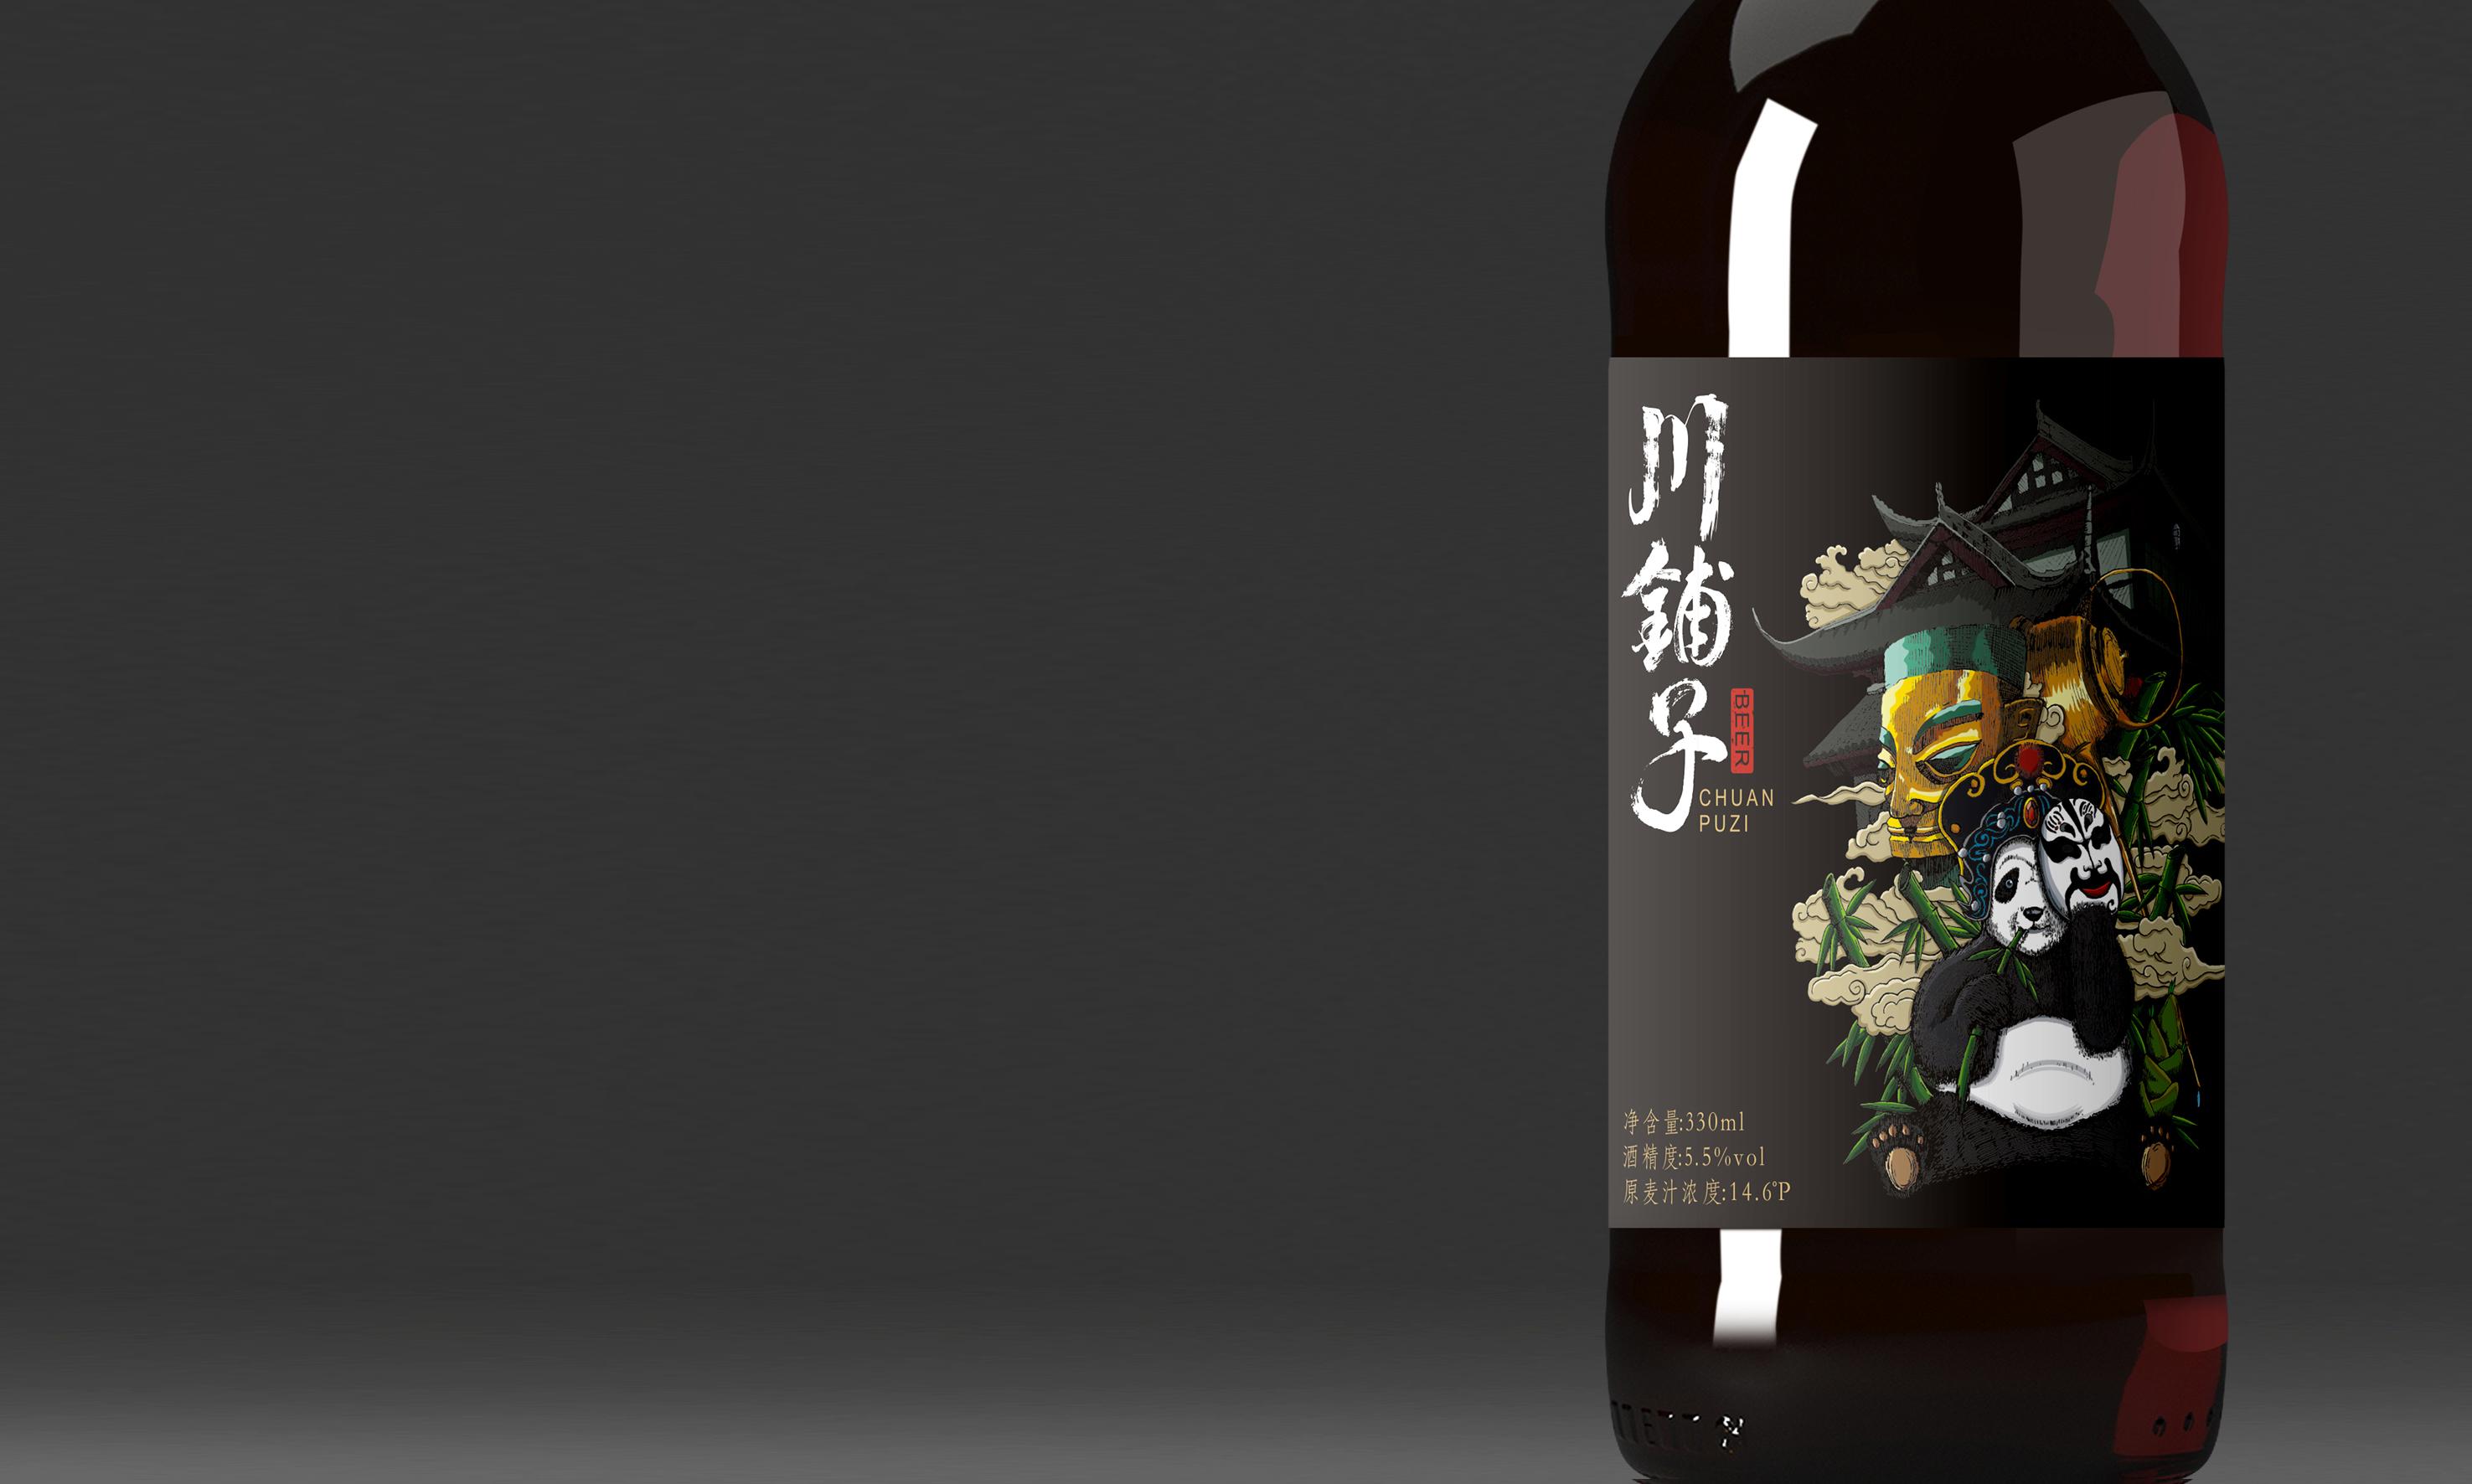 四川省泸州唐人酒业川铺子啤酒四川特色啤酒精酿啤酒手绘包装设计